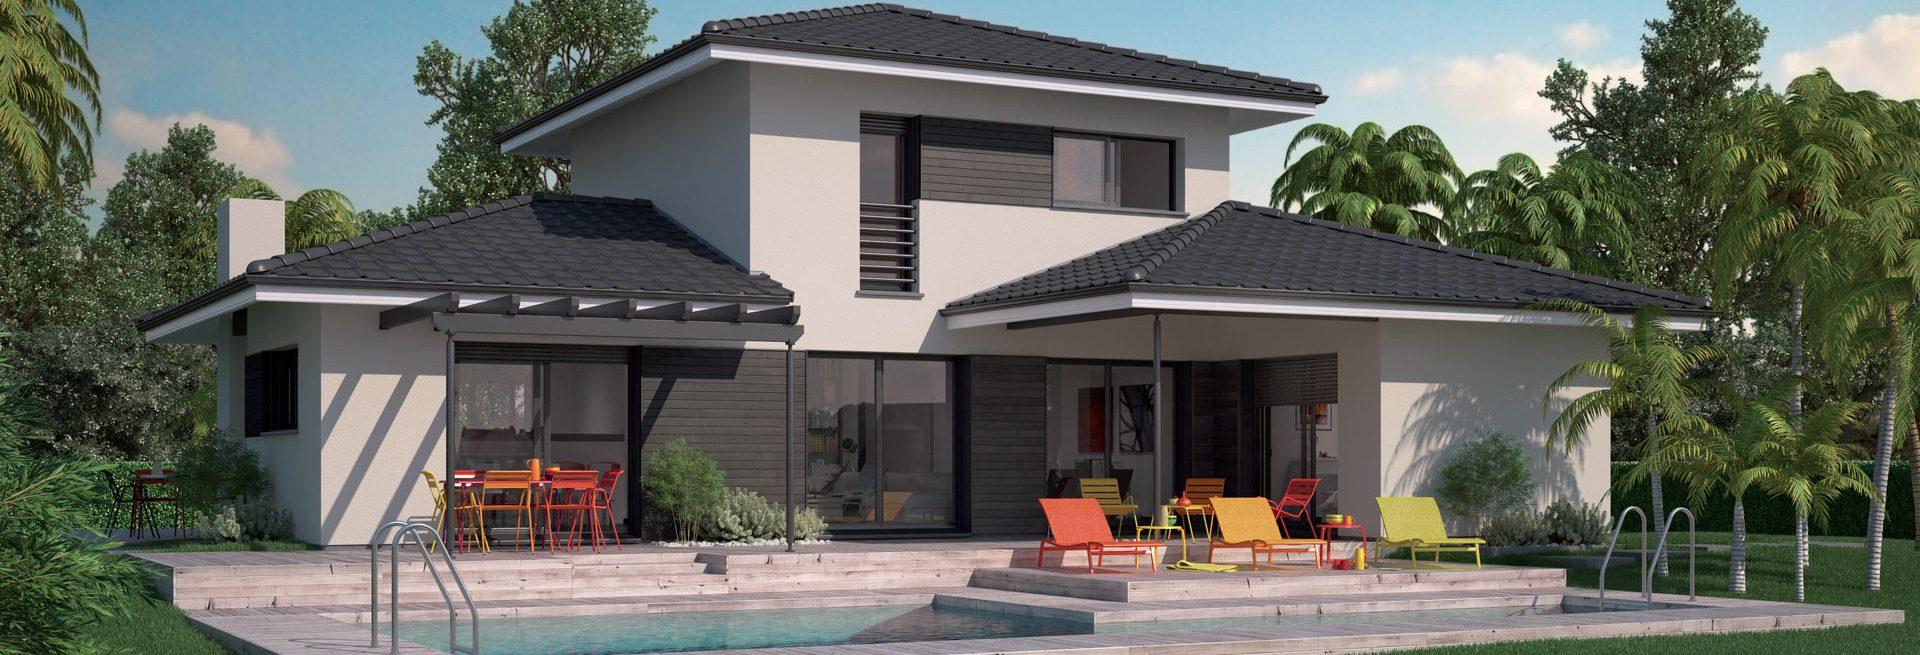 Constructeur maison sud ouest segu maison for Constructeur maison individuelle dax